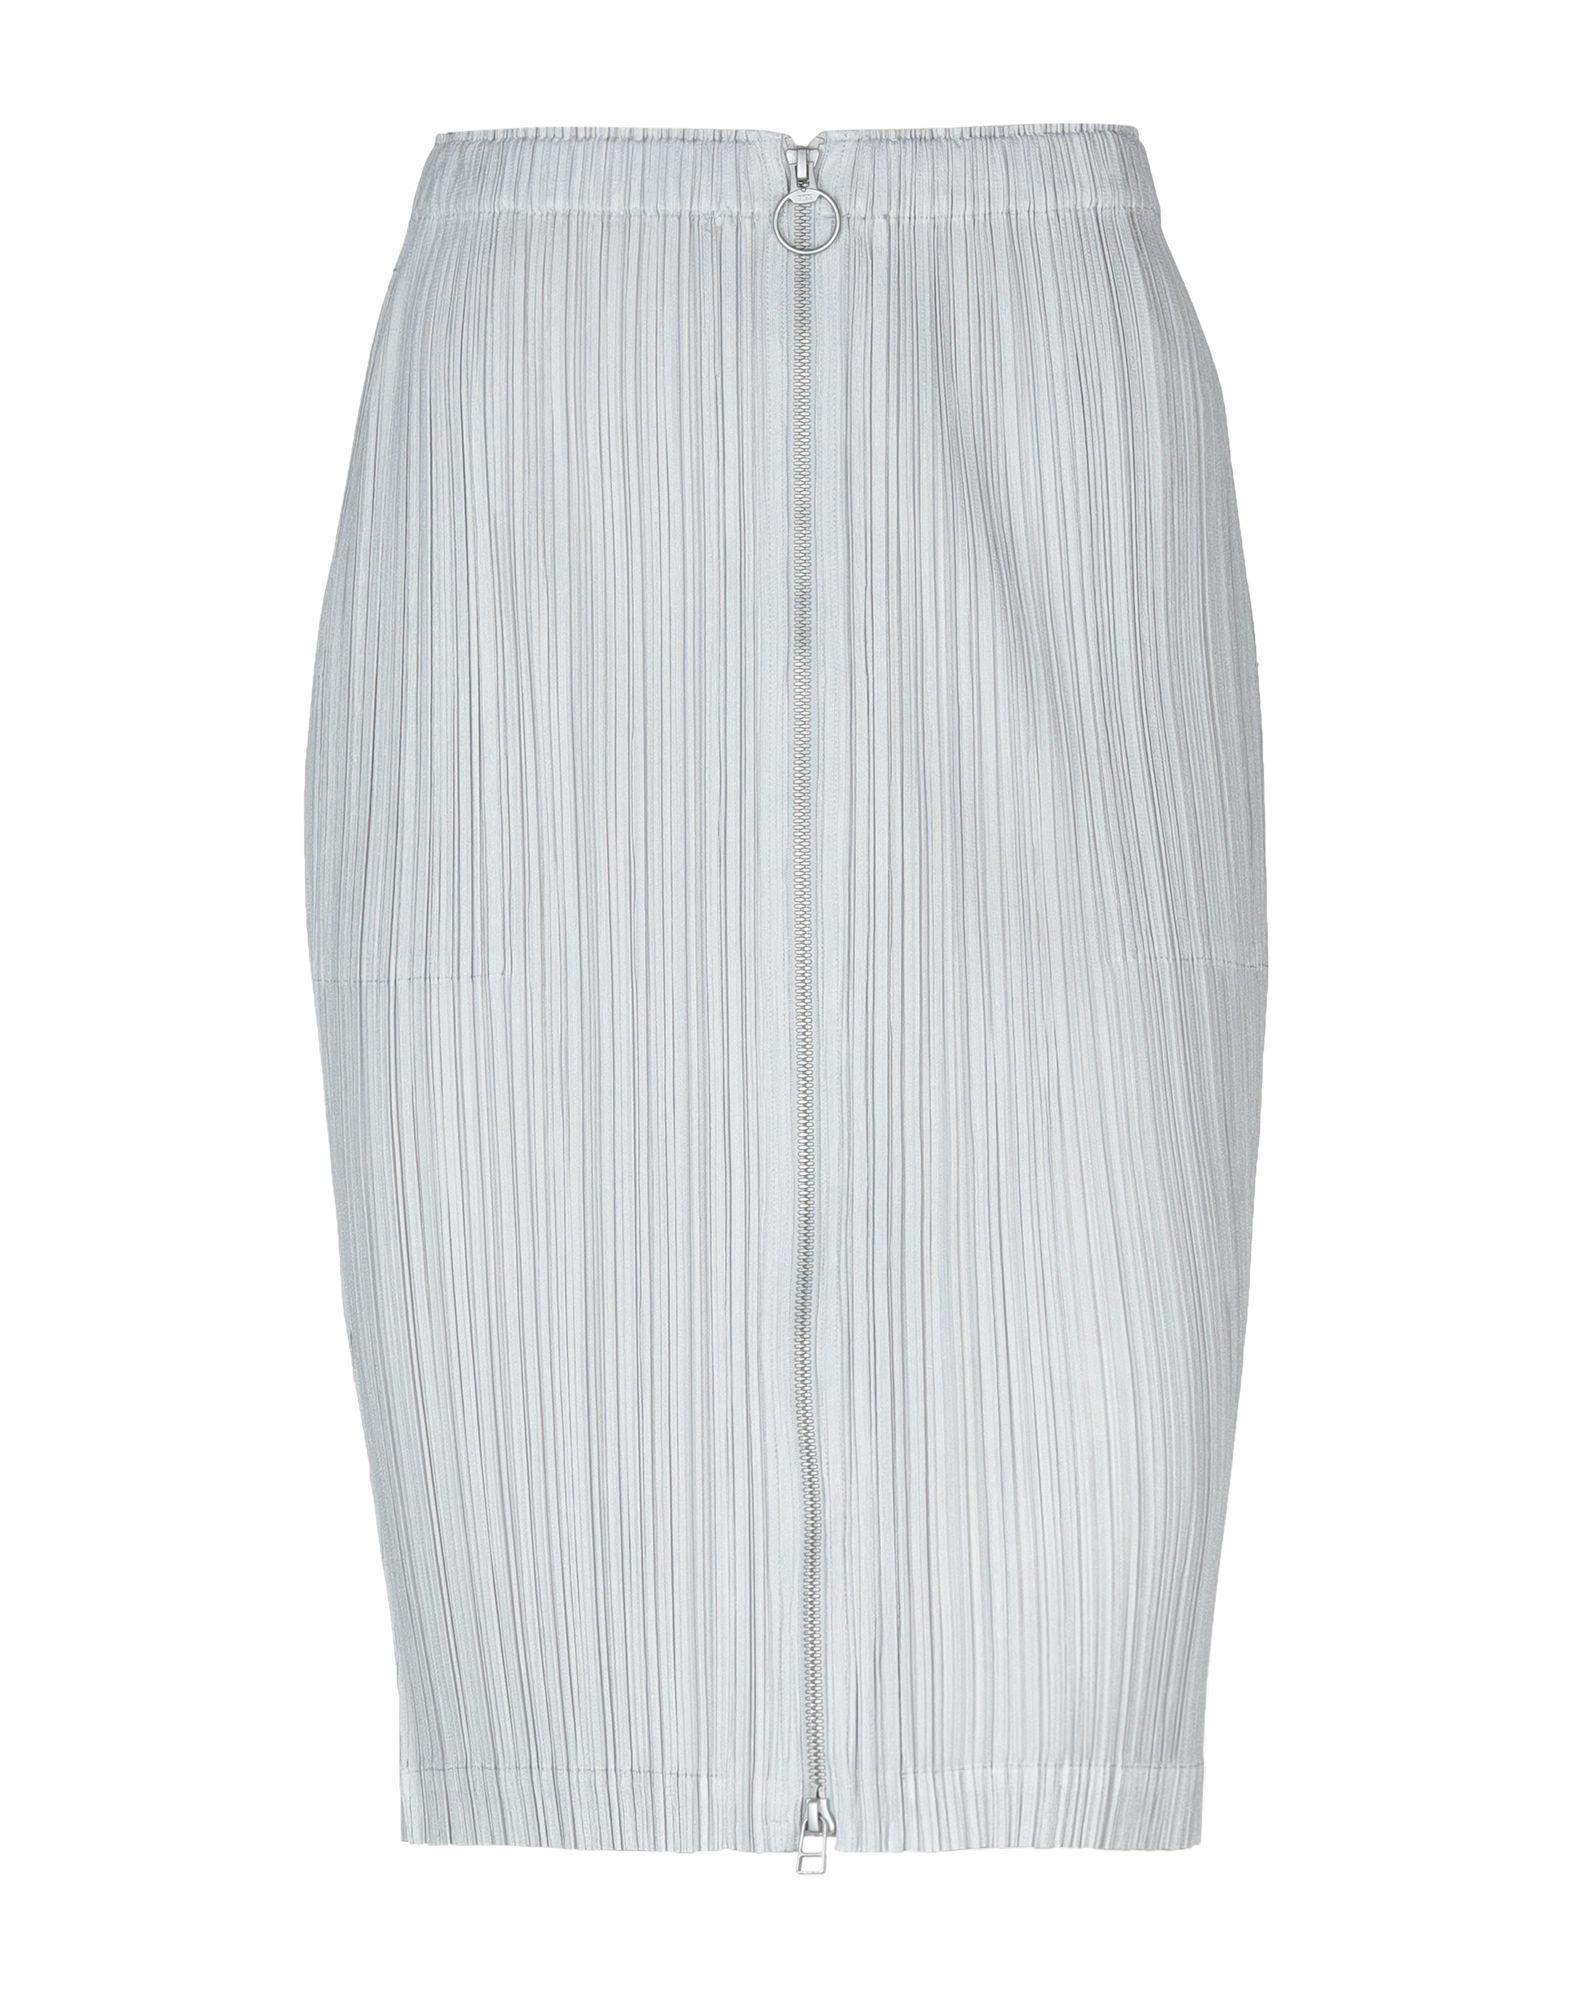 《送料無料》PLEATS PLEASE ISSEY MIYAKE レディース ひざ丈スカート ライトグレー III ポリエステル 100%